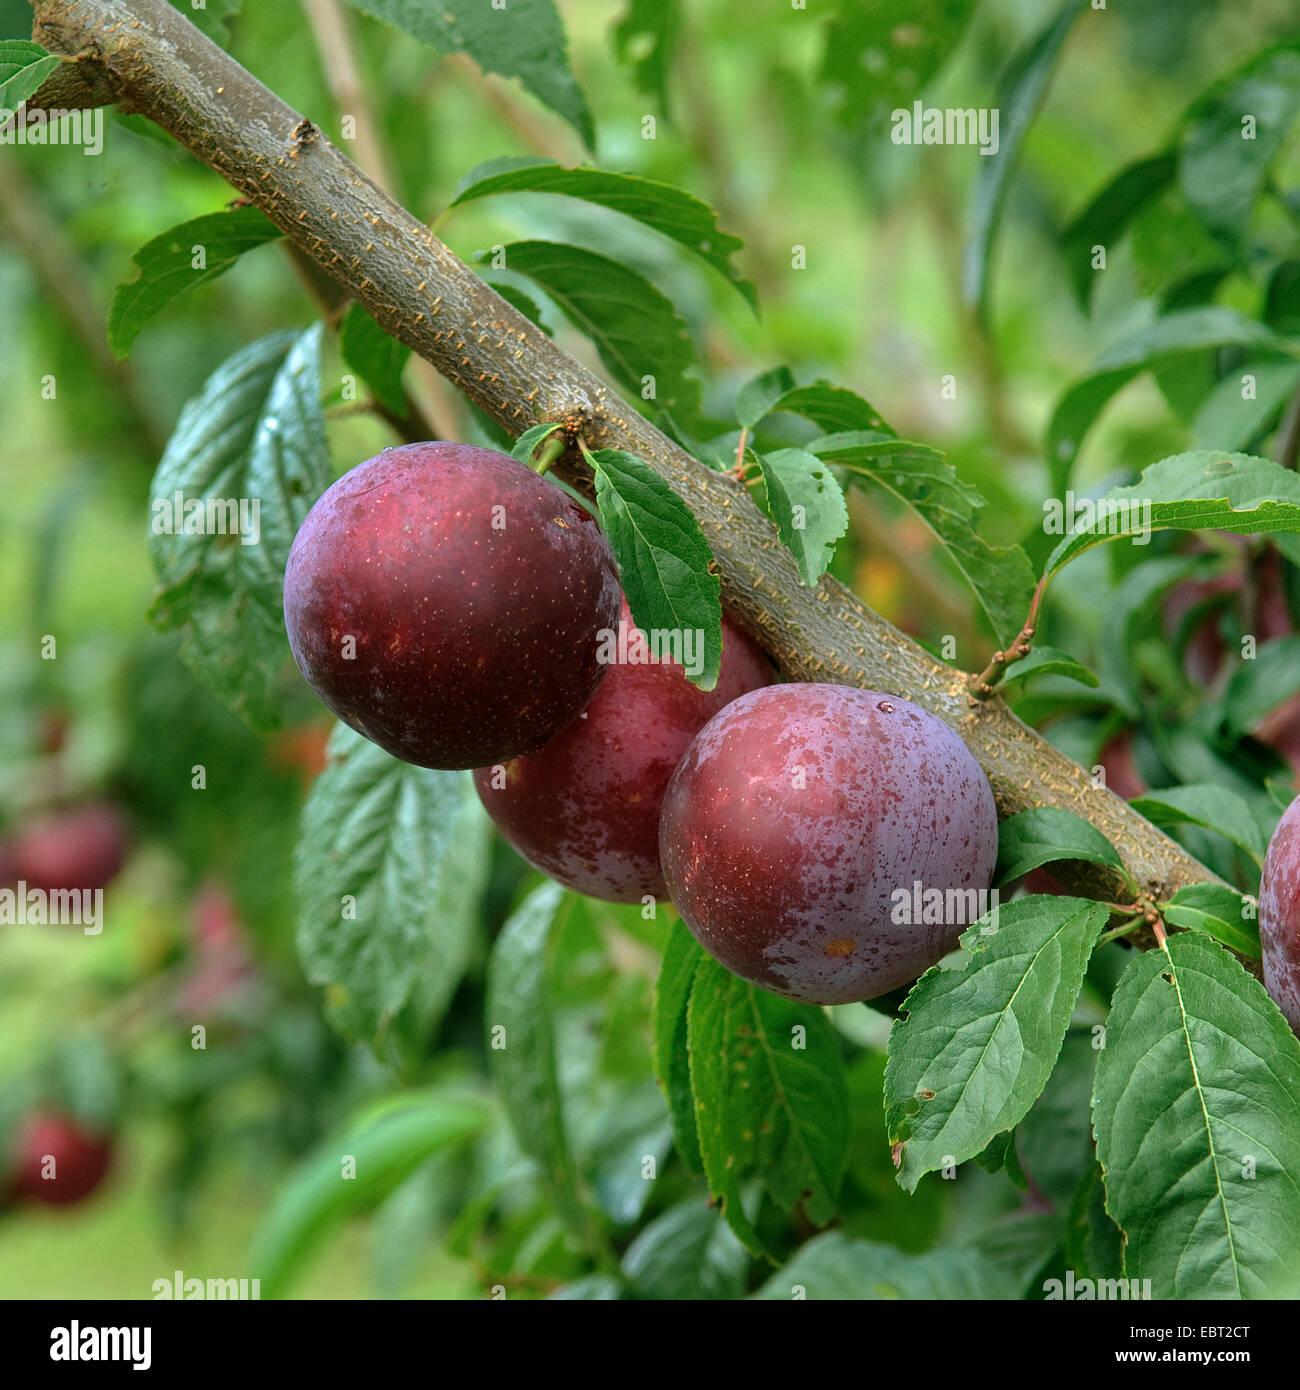 European plum (Prunus domestica 'Anatolia', Prunus domestica Anatolia), plums on a tree, cultivar Anatolia - Stock Image